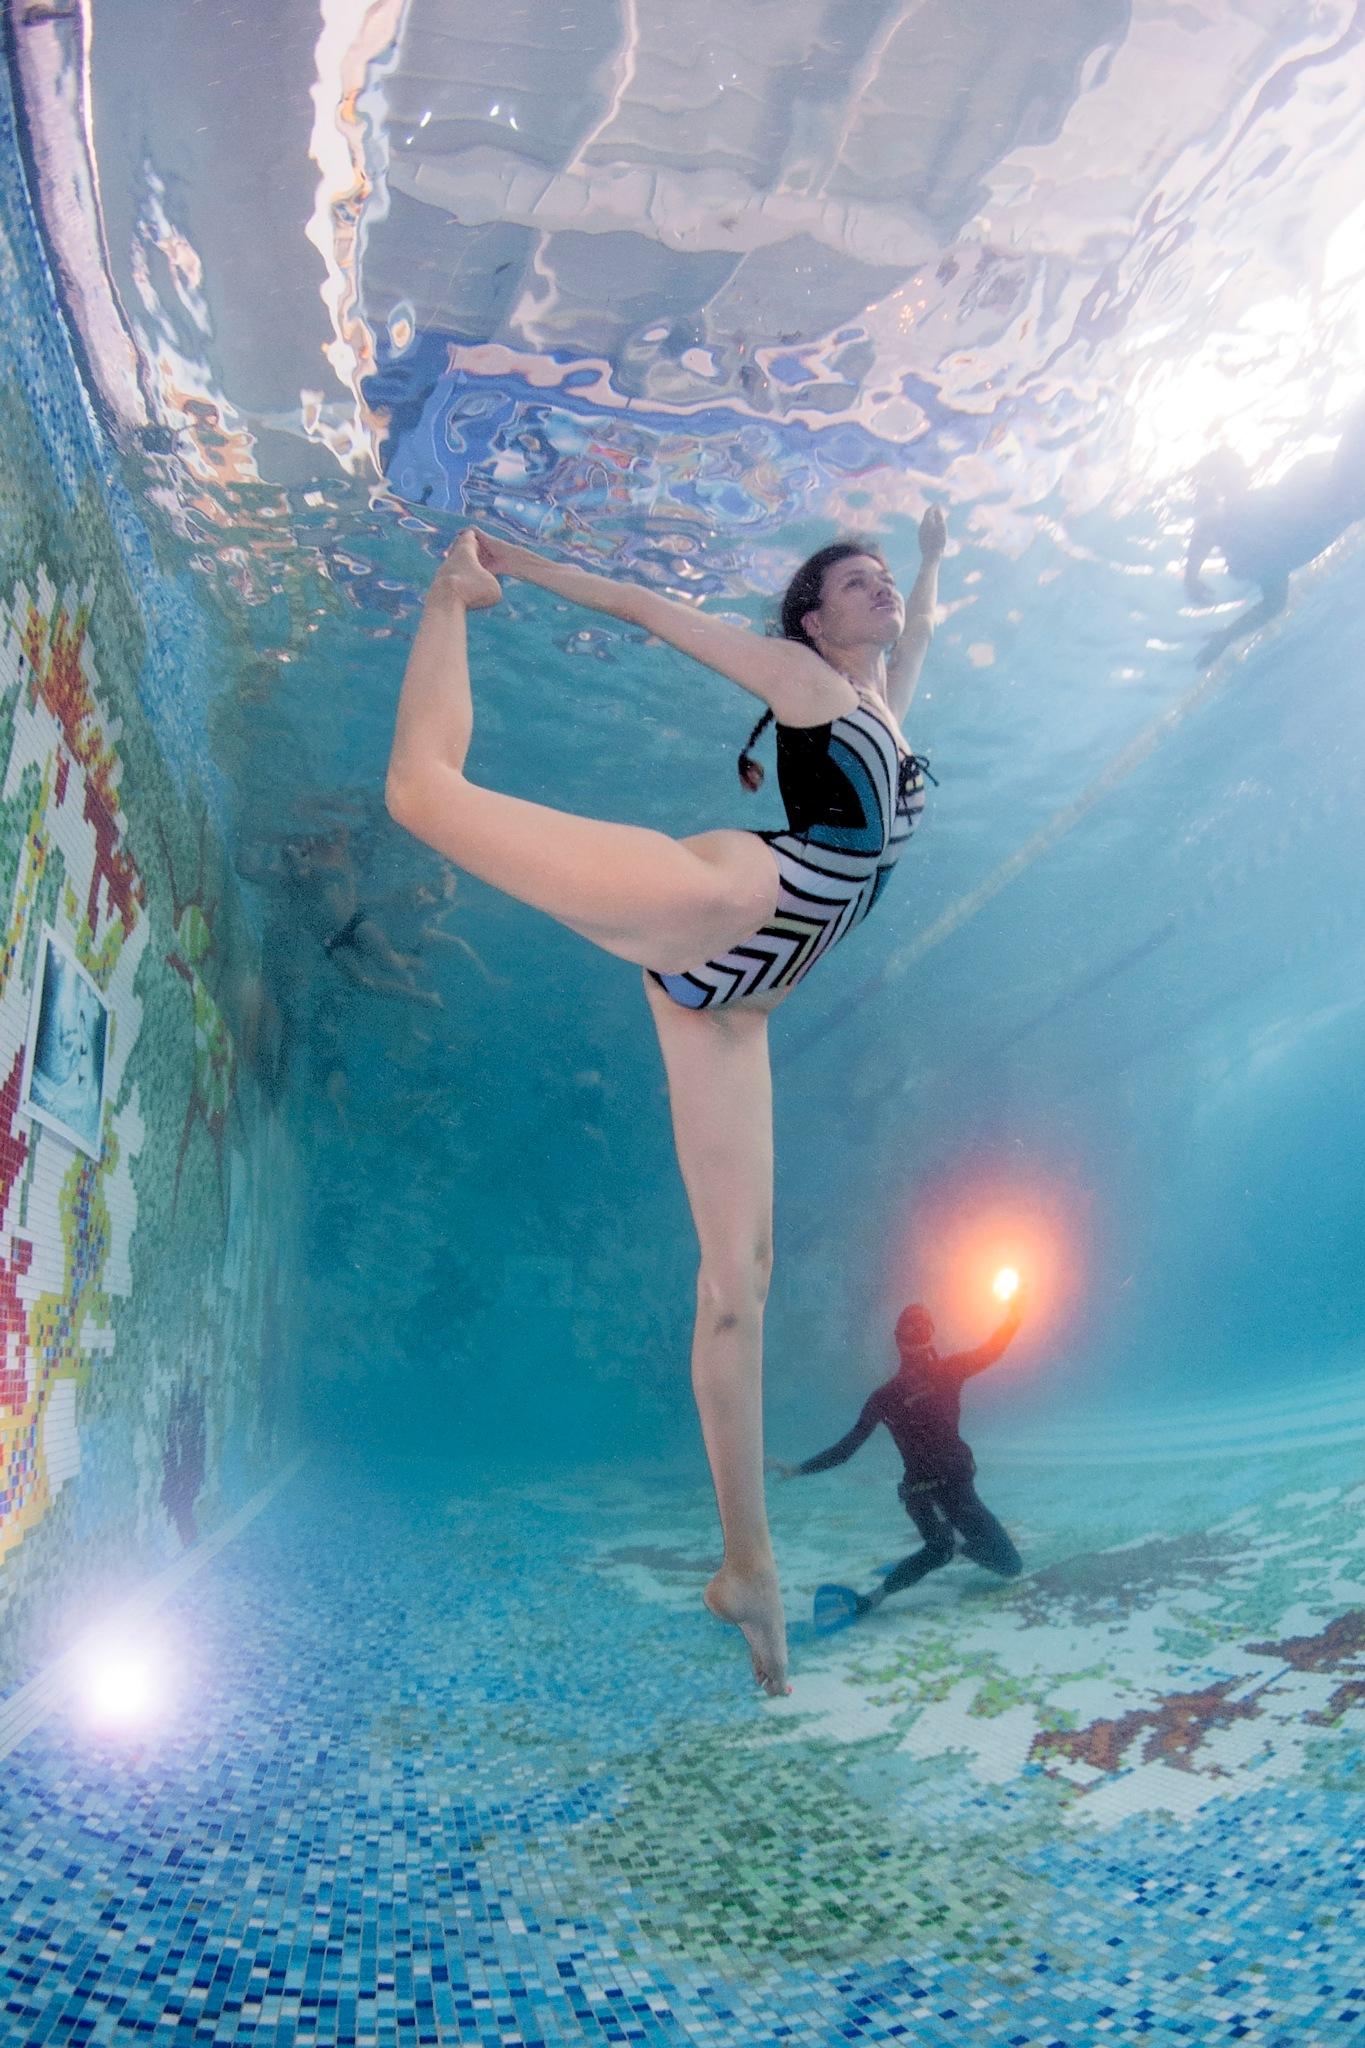 Aqua by Sergiy Glushchenko